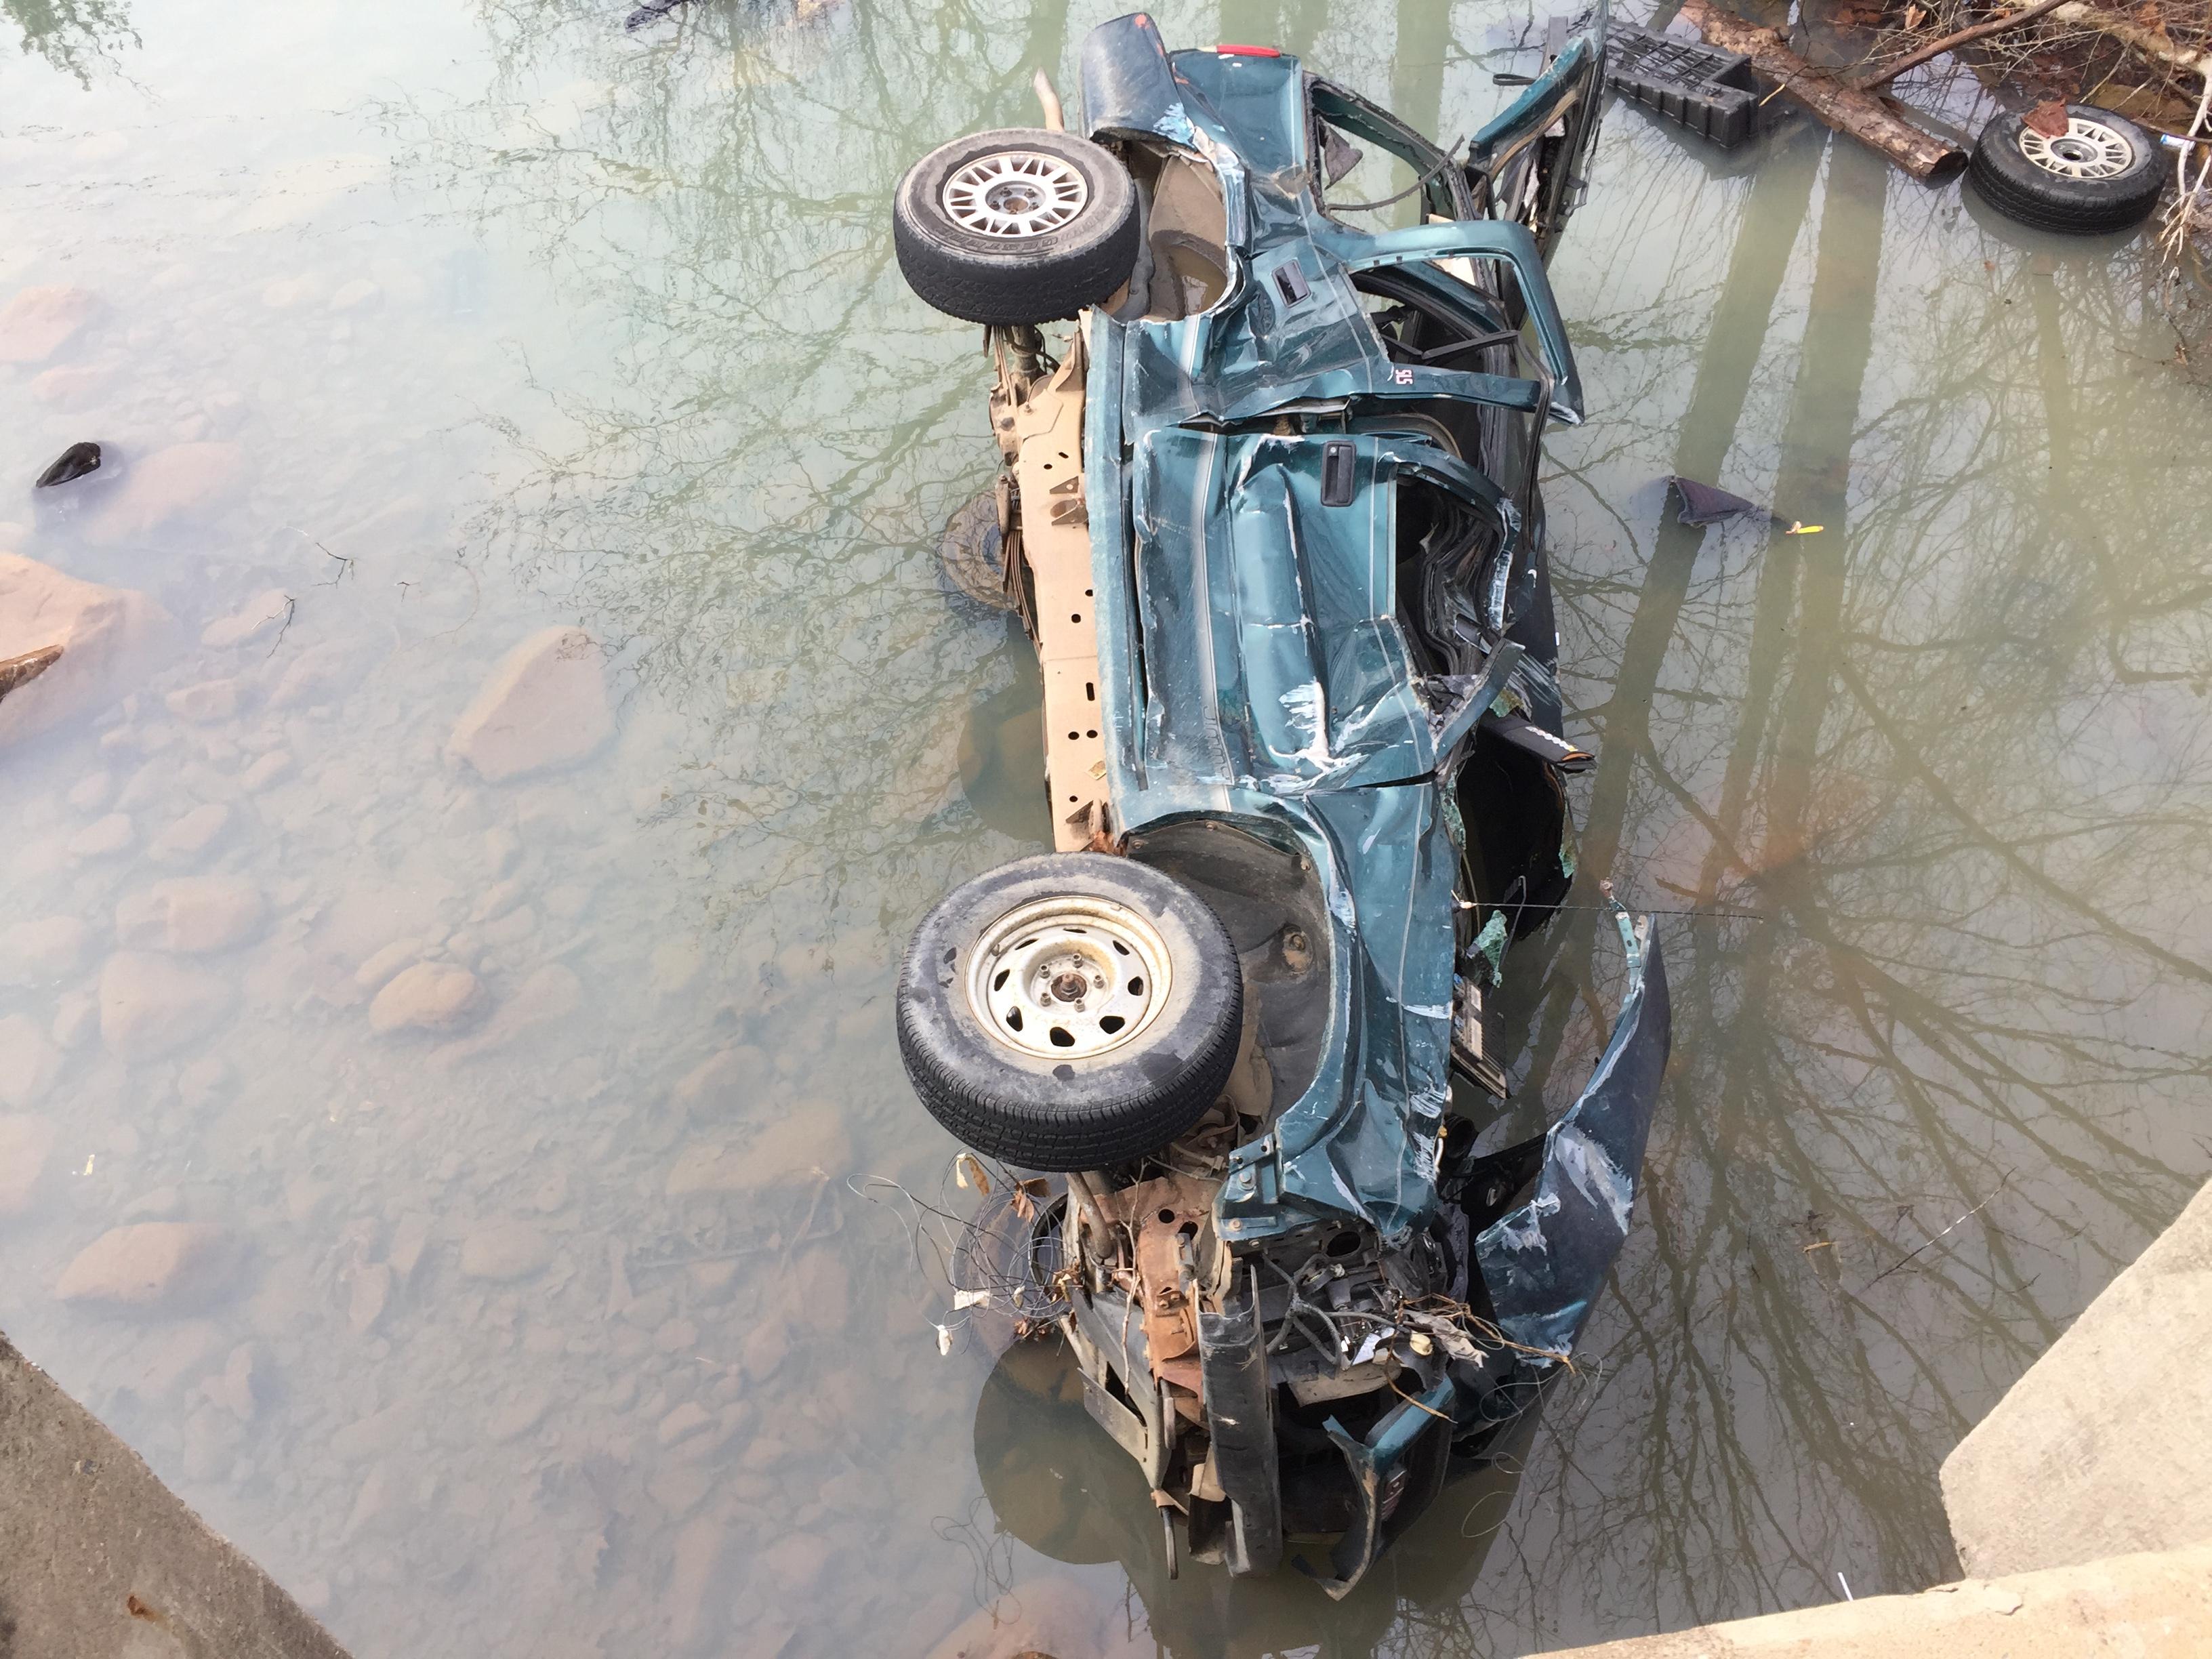 suv-water-rescue-2-28